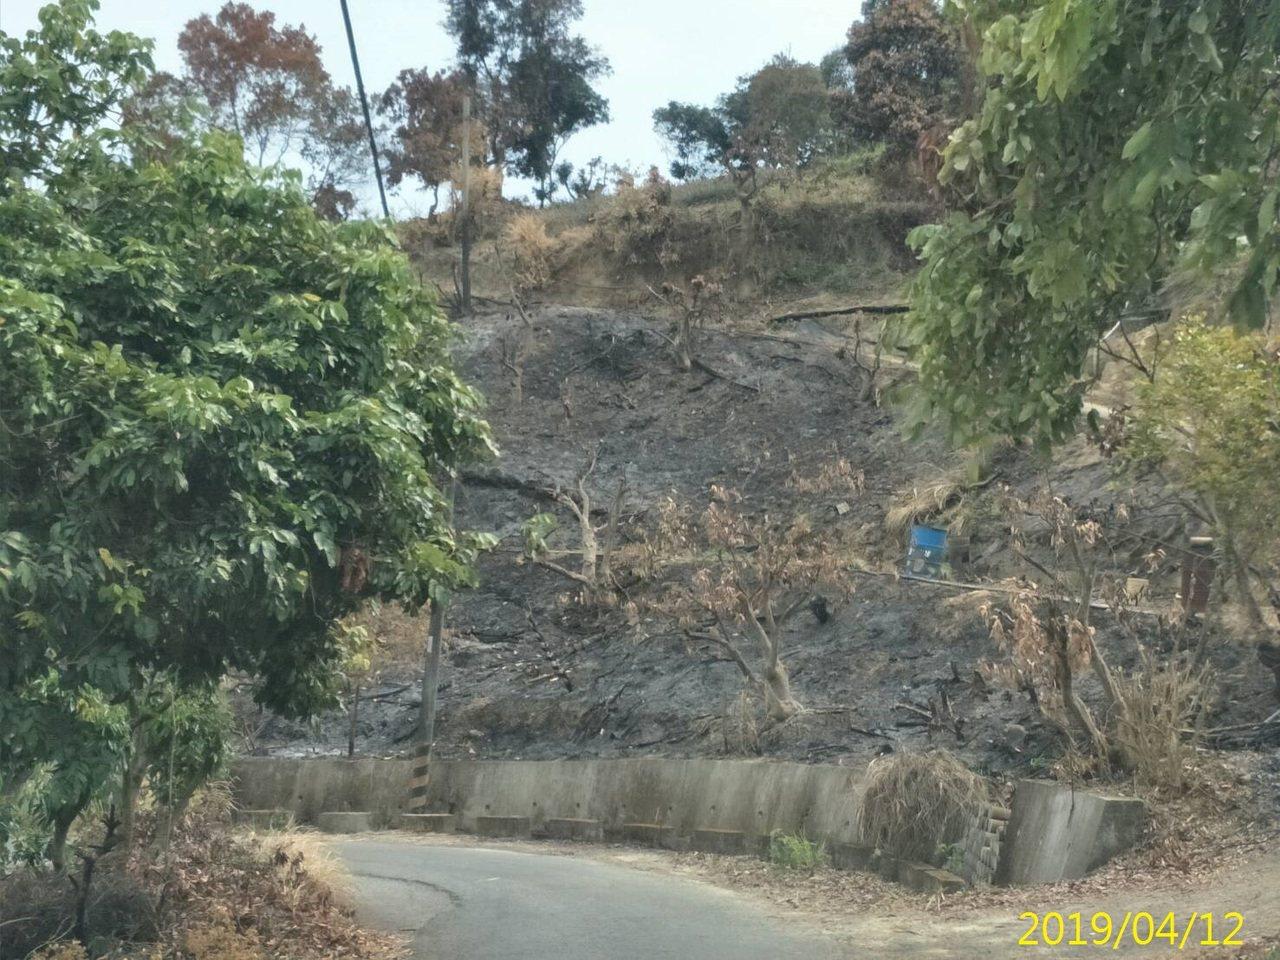 衛星火點通報查獲旗山果園農業廢棄物露天燃燒。圖/高雄市環保局提供